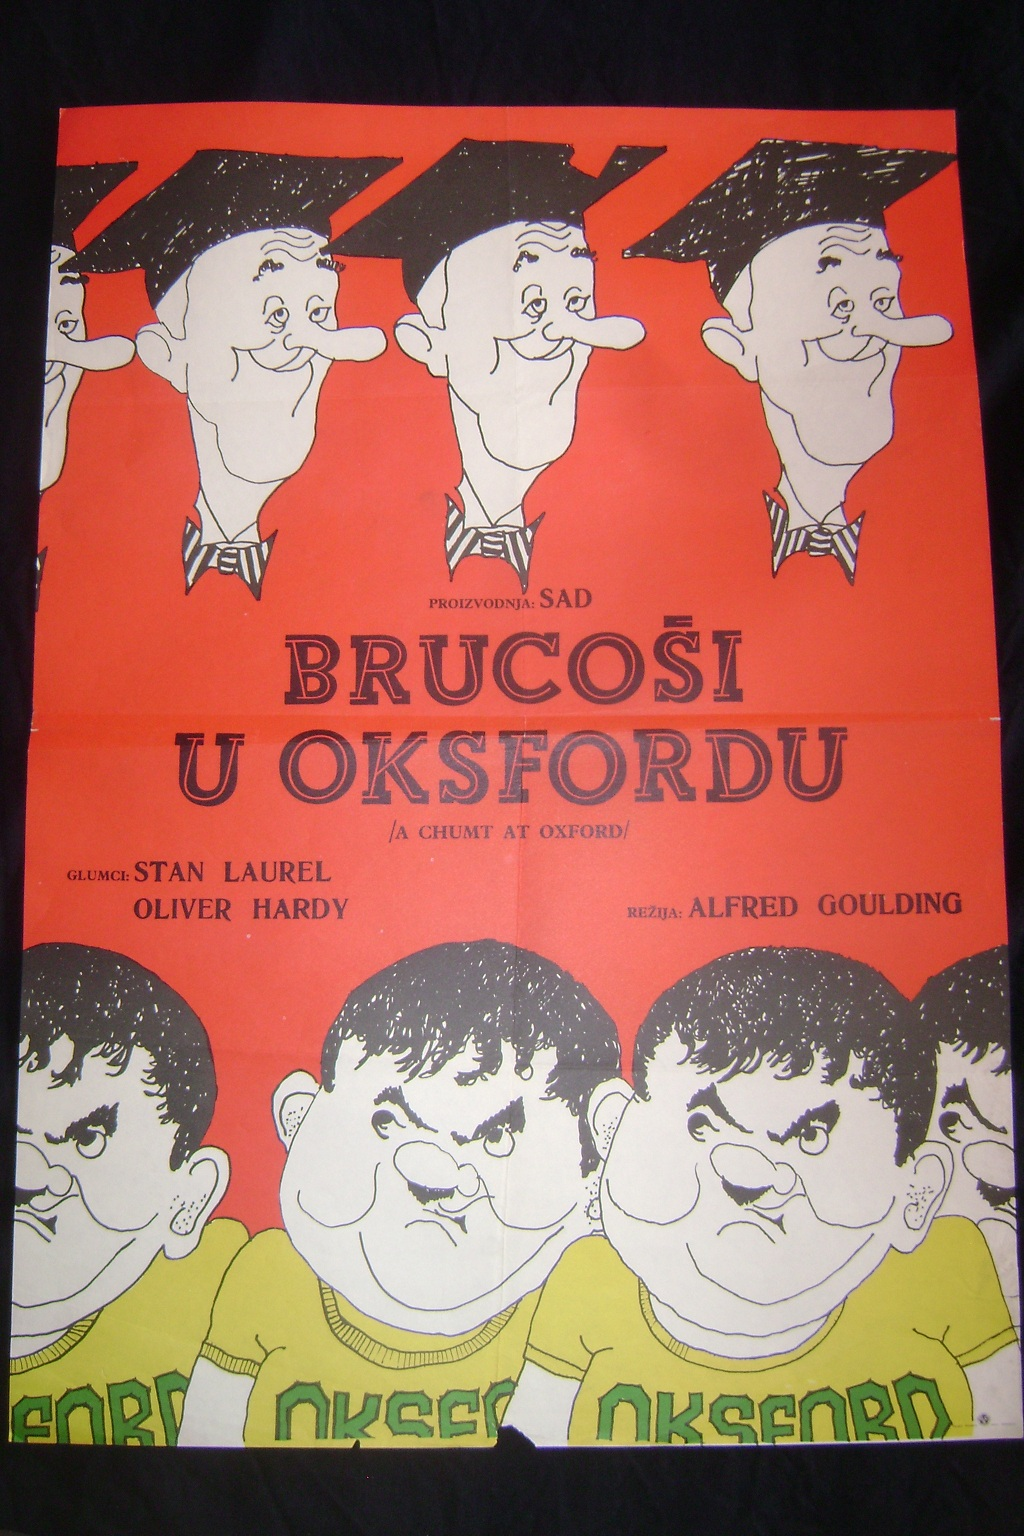 Filmski_poster_BRUCOSI_U_OKSFORDU_Stanlio_i_Olio_1.JPG